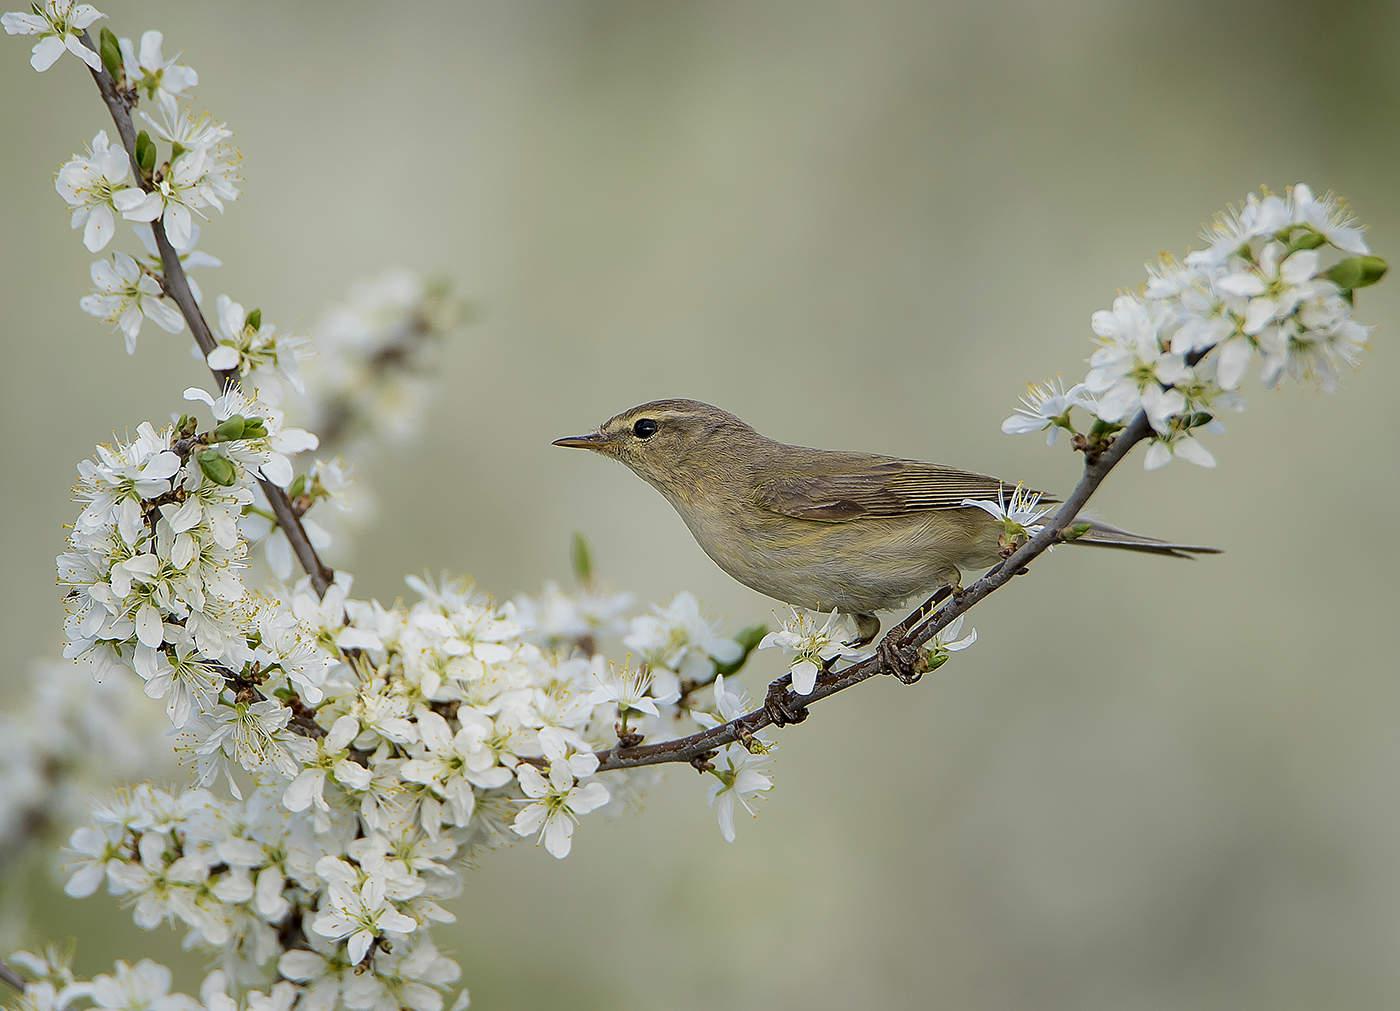 любом картинки птицы в весеннем лесу цементных кругах